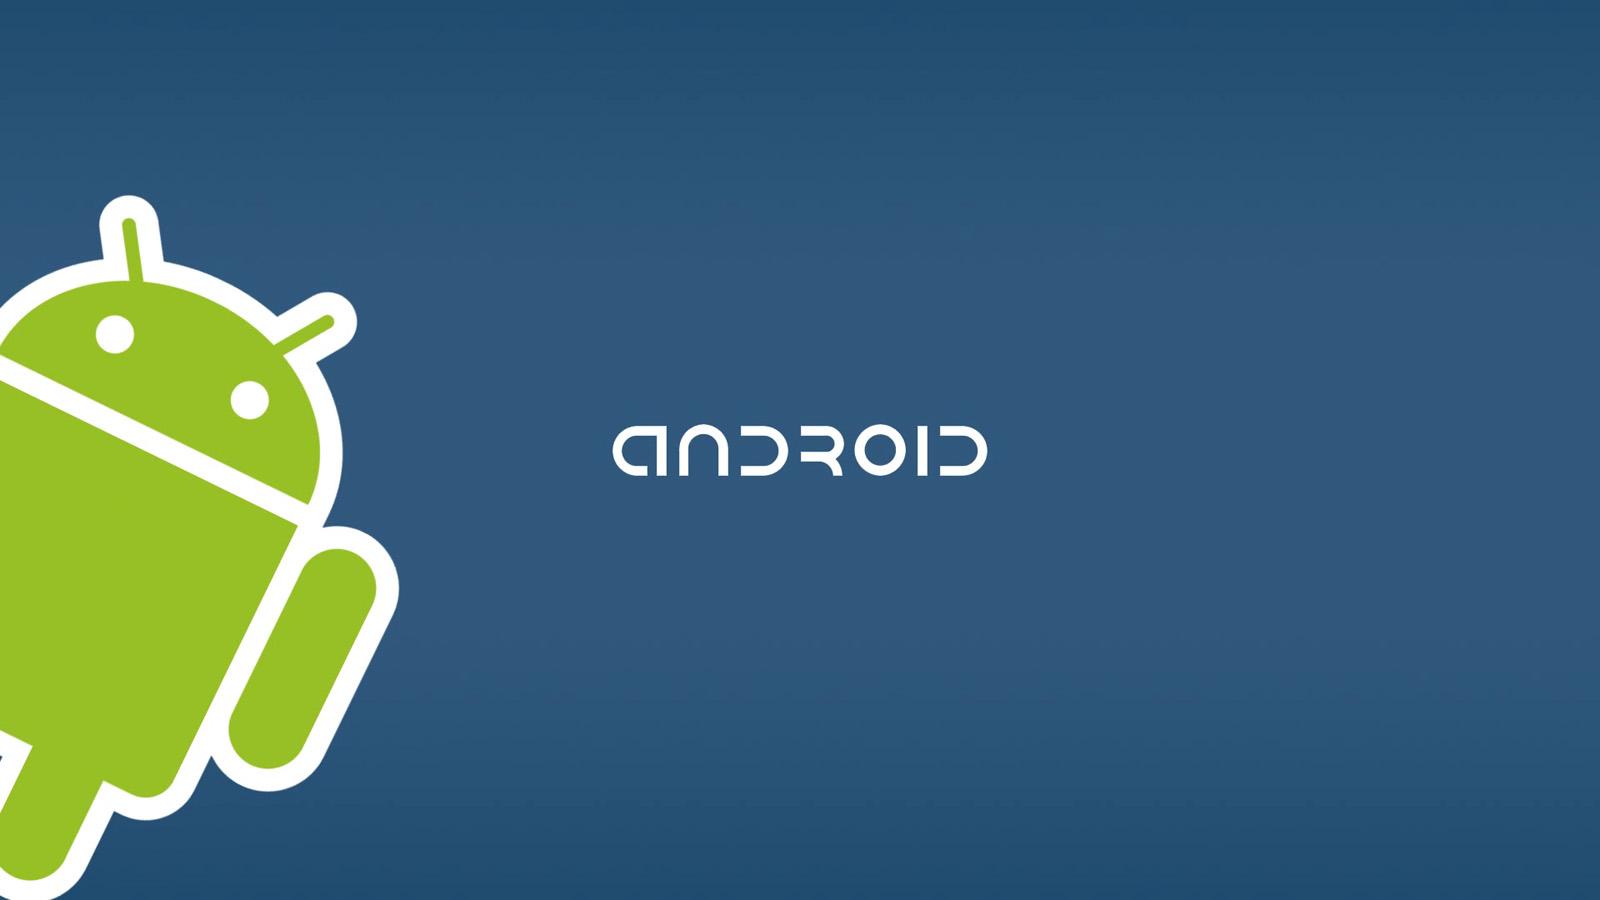 https://4.bp.blogspot.com/-7l61w_FuCgQ/TXT9ffeQ_wI/AAAAAAAACgc/nIwxgVIe_gE/s1600/android-wallpaper.jpg